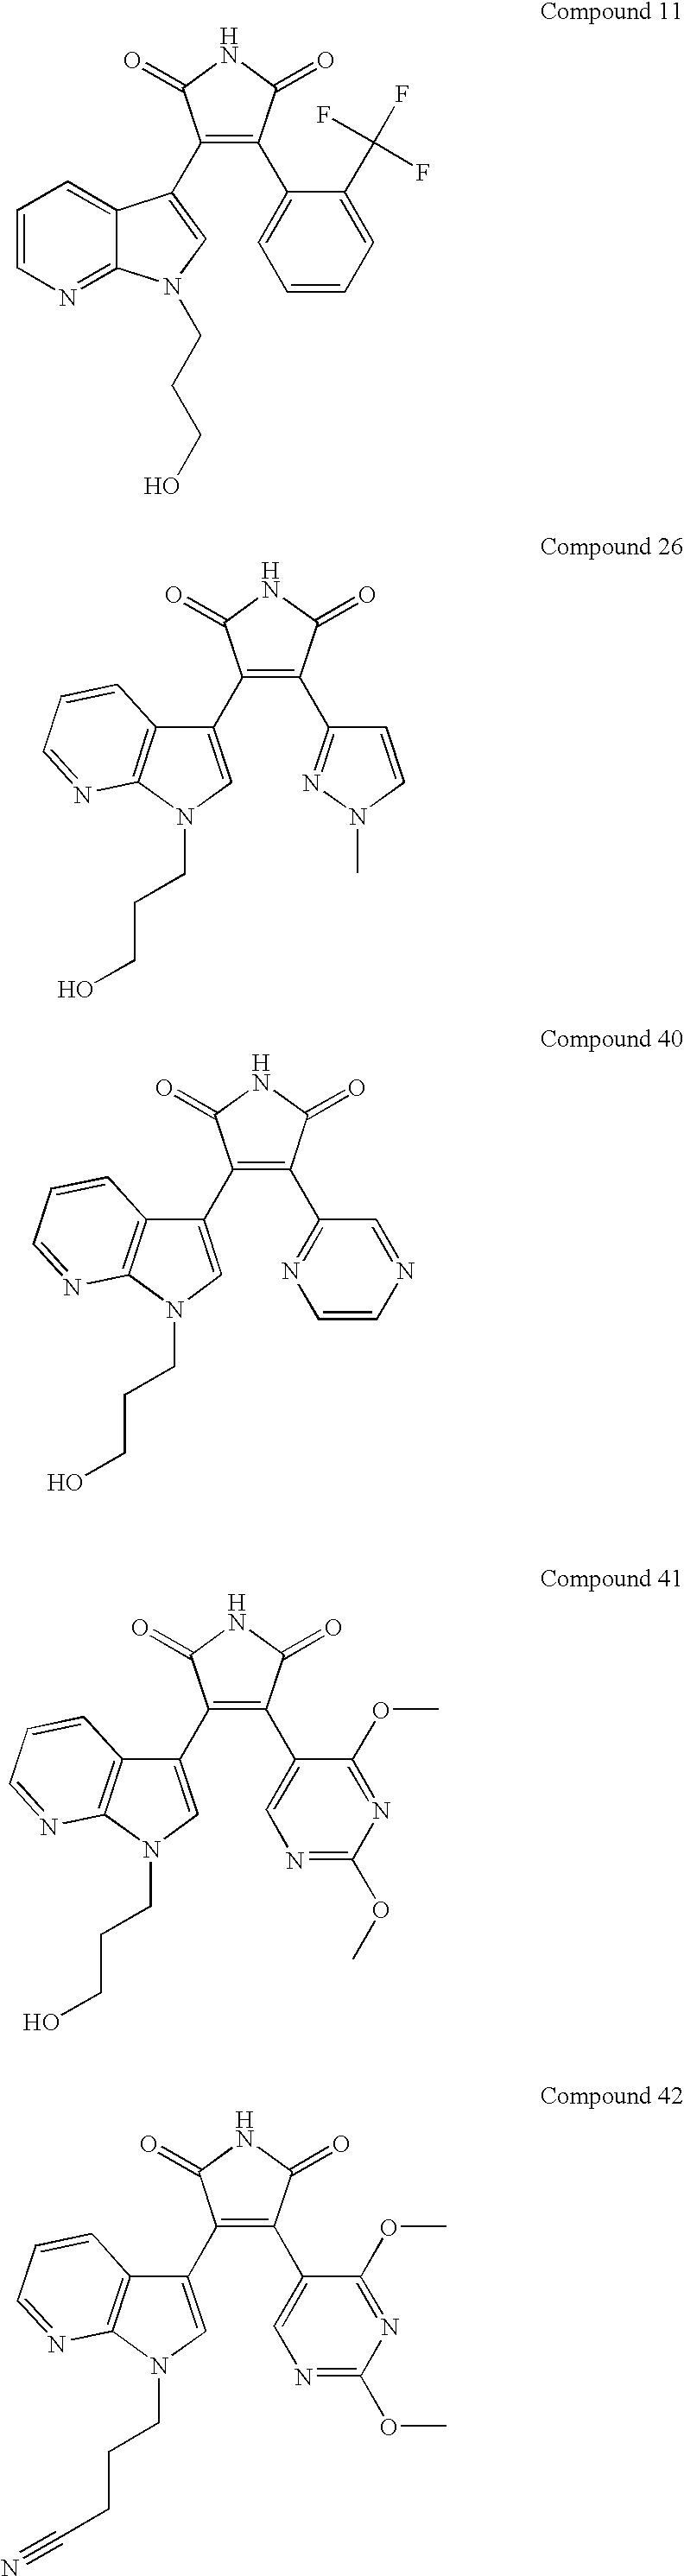 Figure US20090325293A1-20091231-C00009